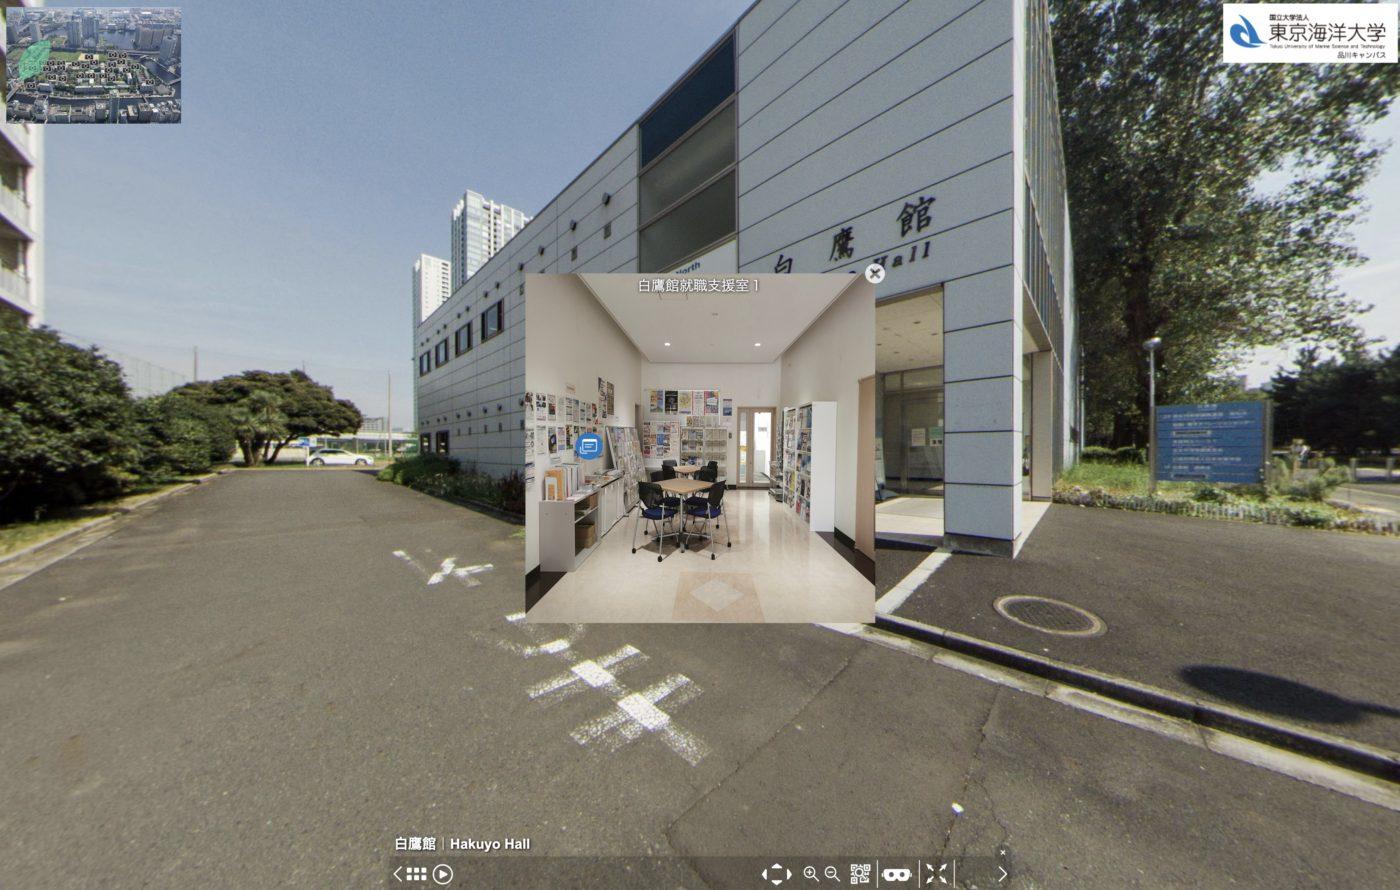 東京海洋大学様 品川キャンパス 白鷹館